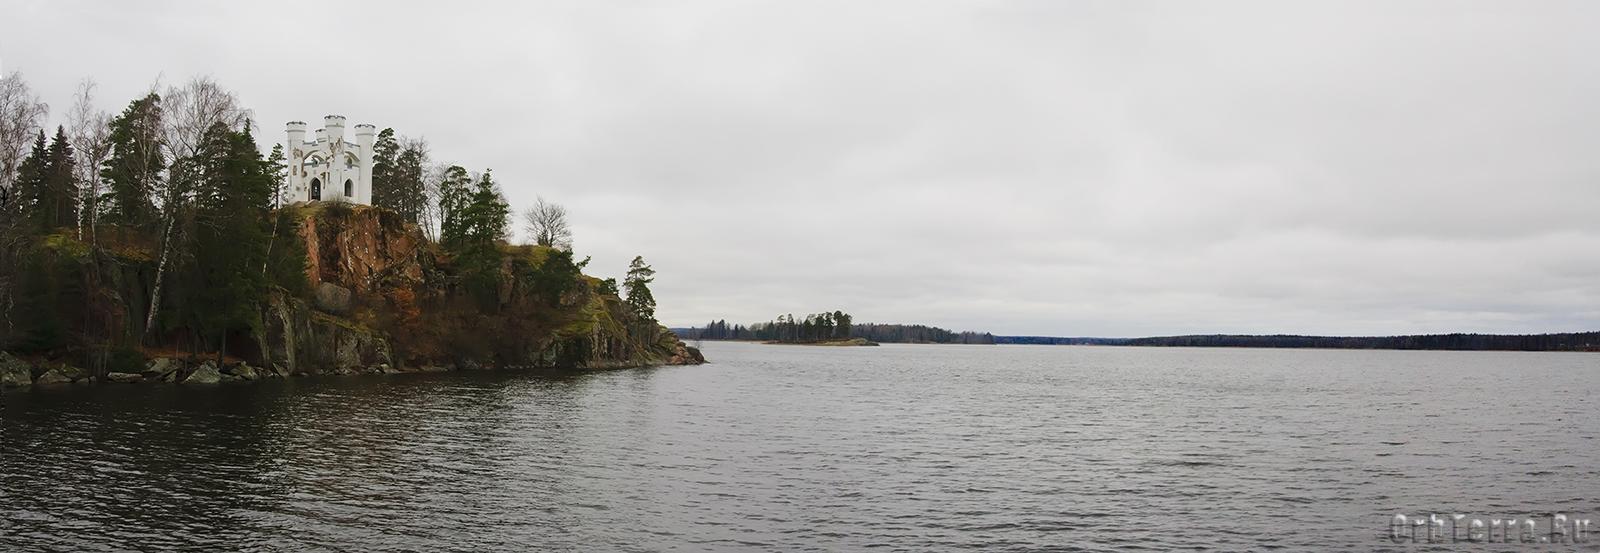 Панорама залива и острова Людвигштайн.